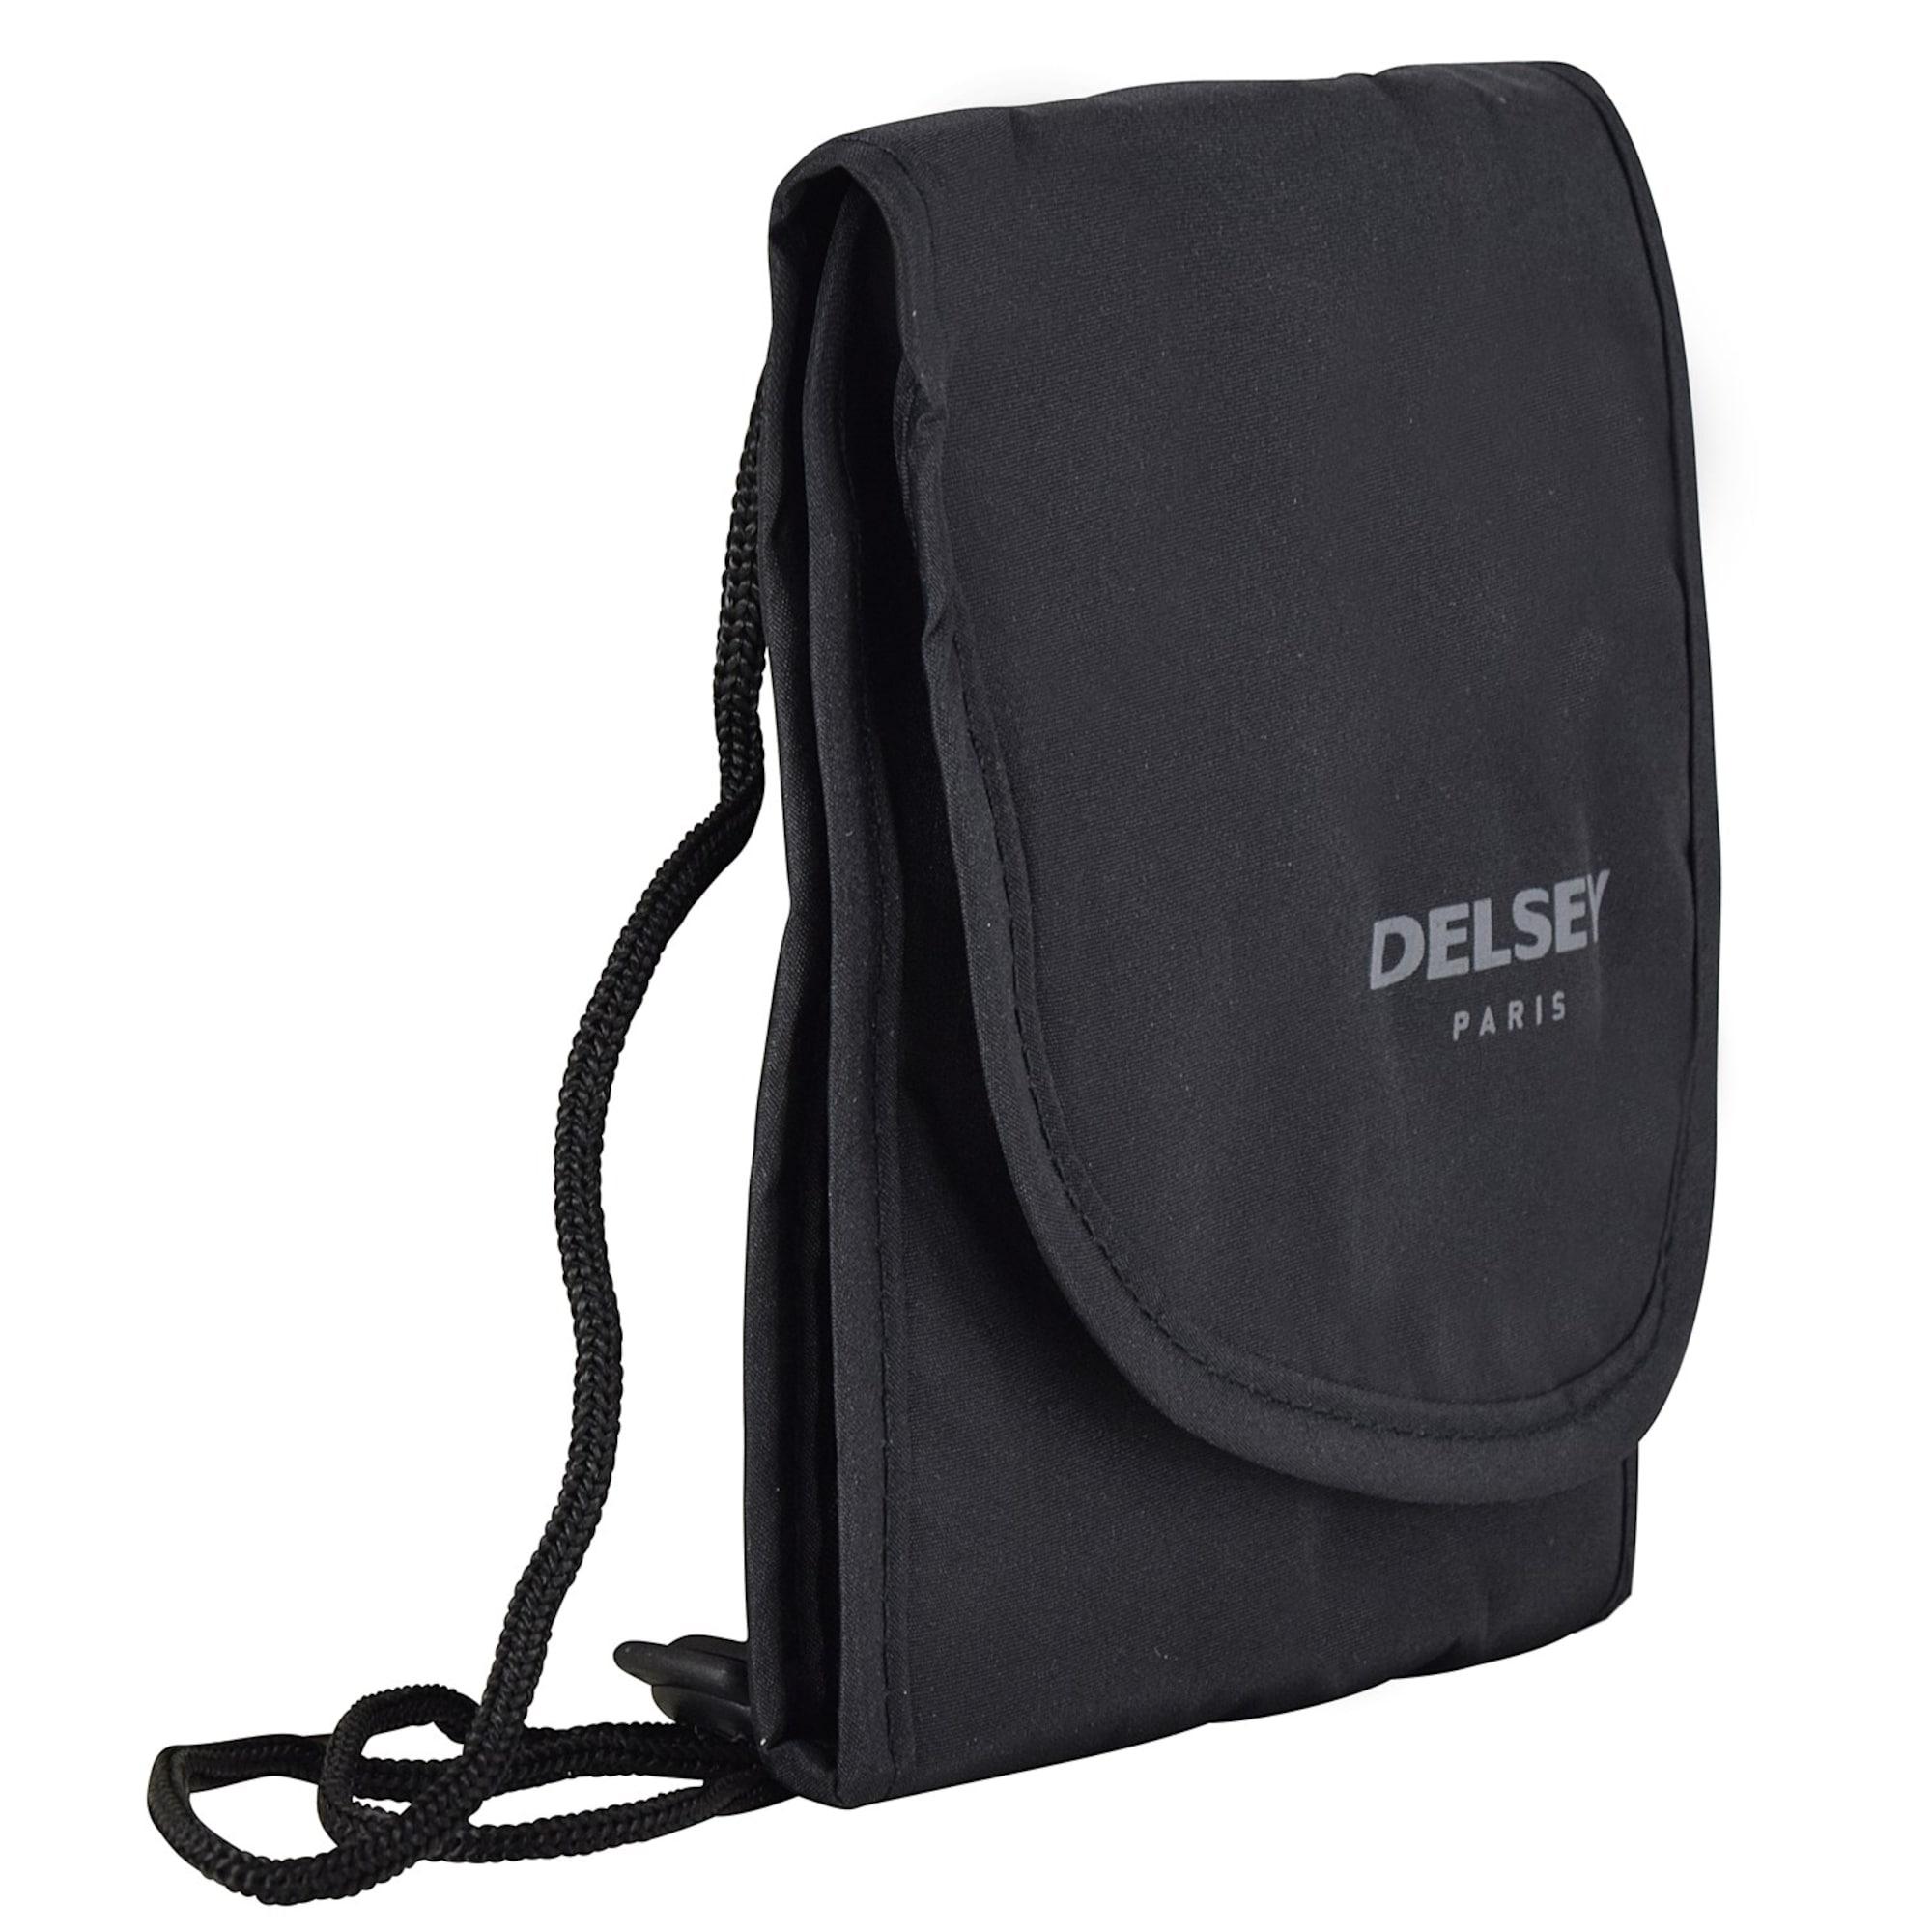 Brustbeutel | Accessoires > Portemonnaies > Brustbeutel | Delsey